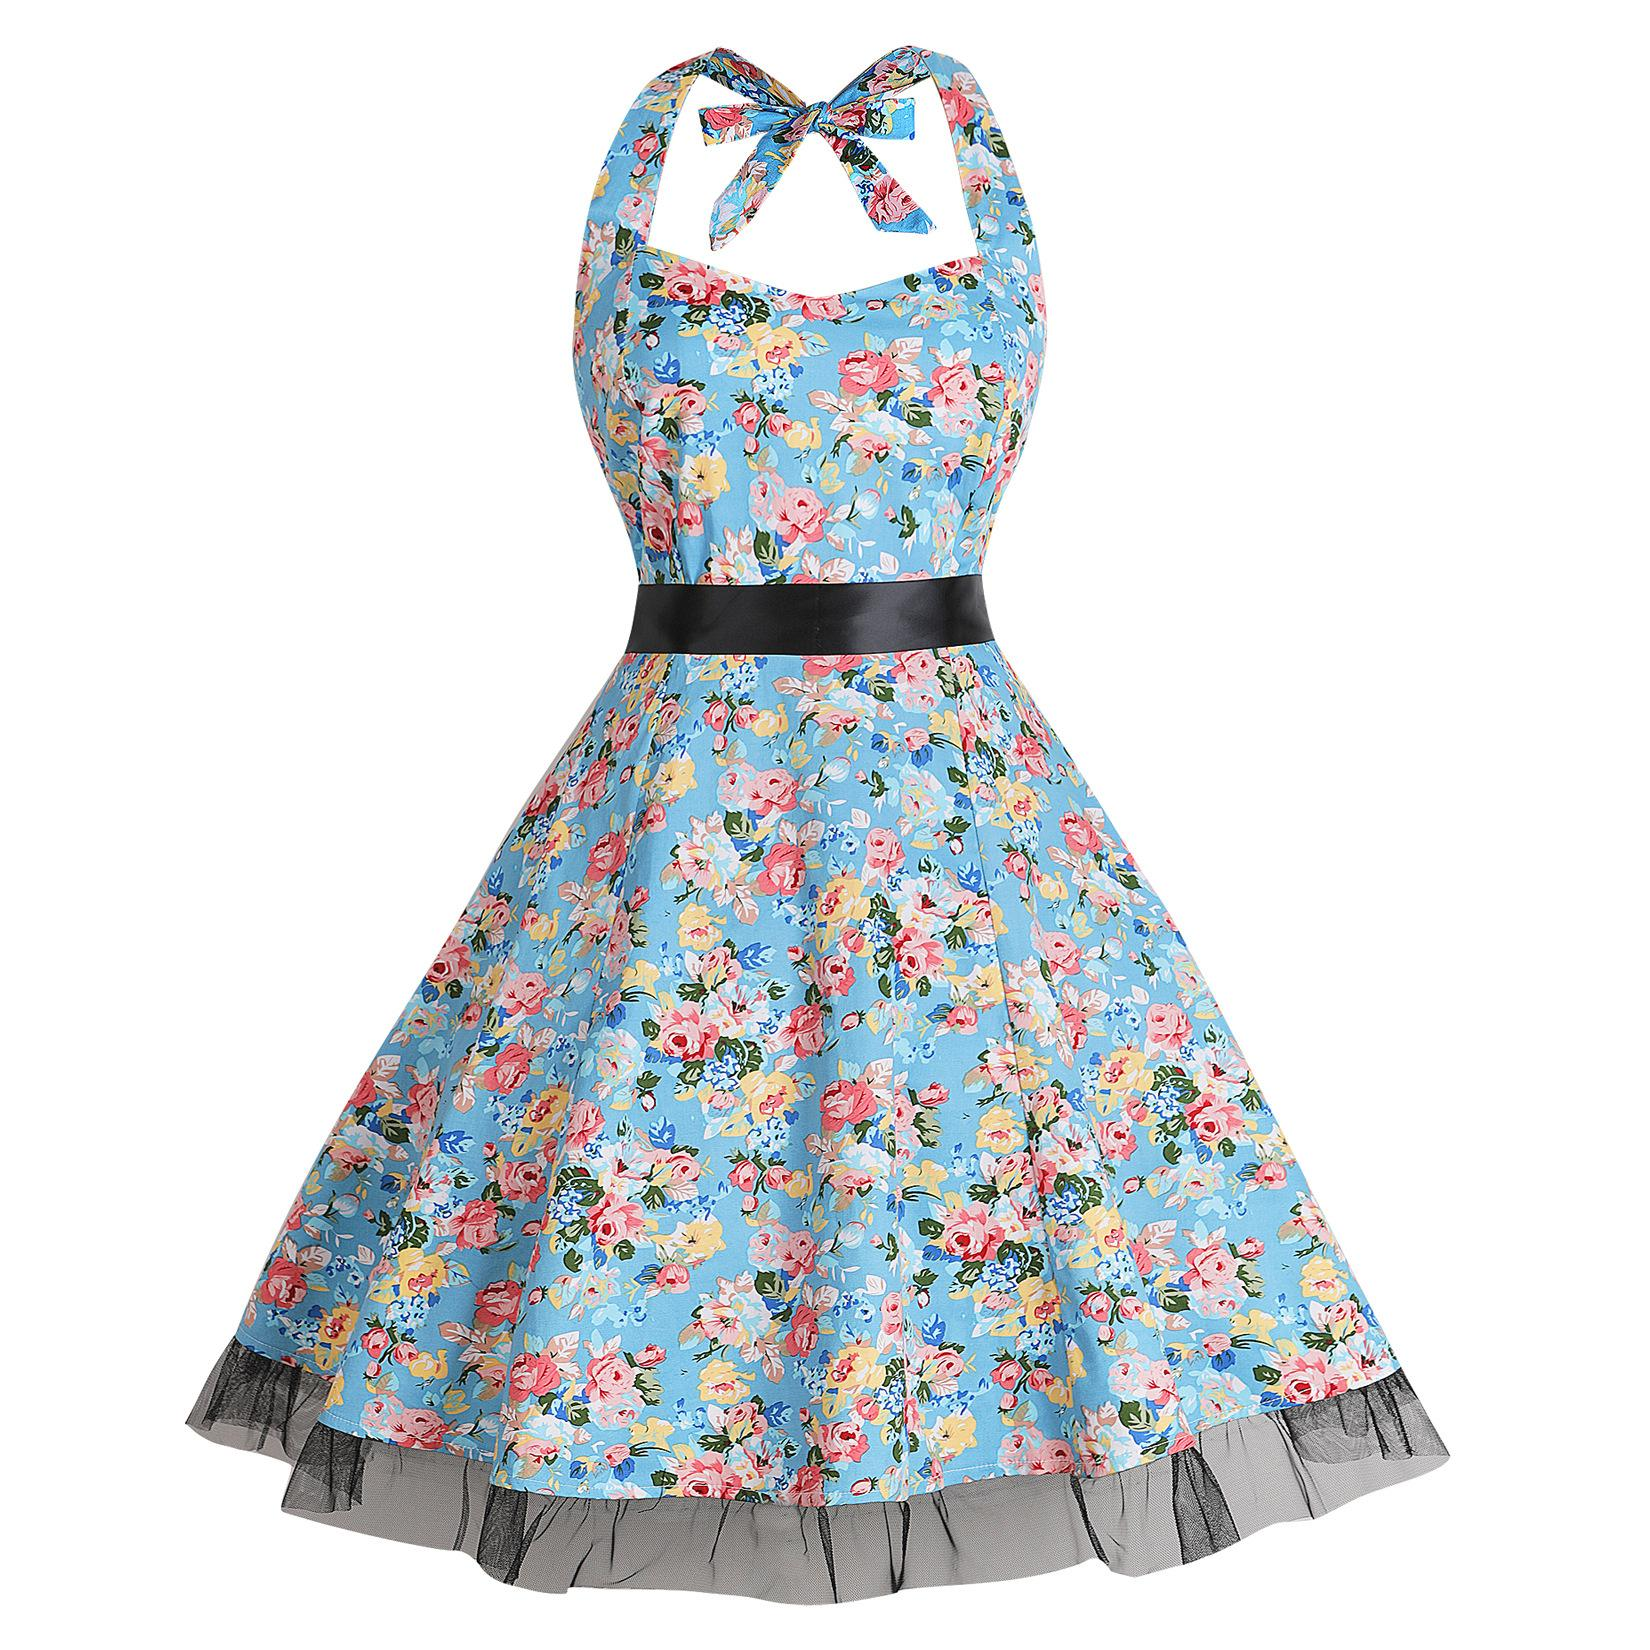 newest 71437 3acec Abito vintage a pieghe Vintage anni 50 anni 60 Abito estivo femminile a  maniche lunghe Plus Size A-line Floreale 28 Colori Scelte F2964 Vestito  casual ...